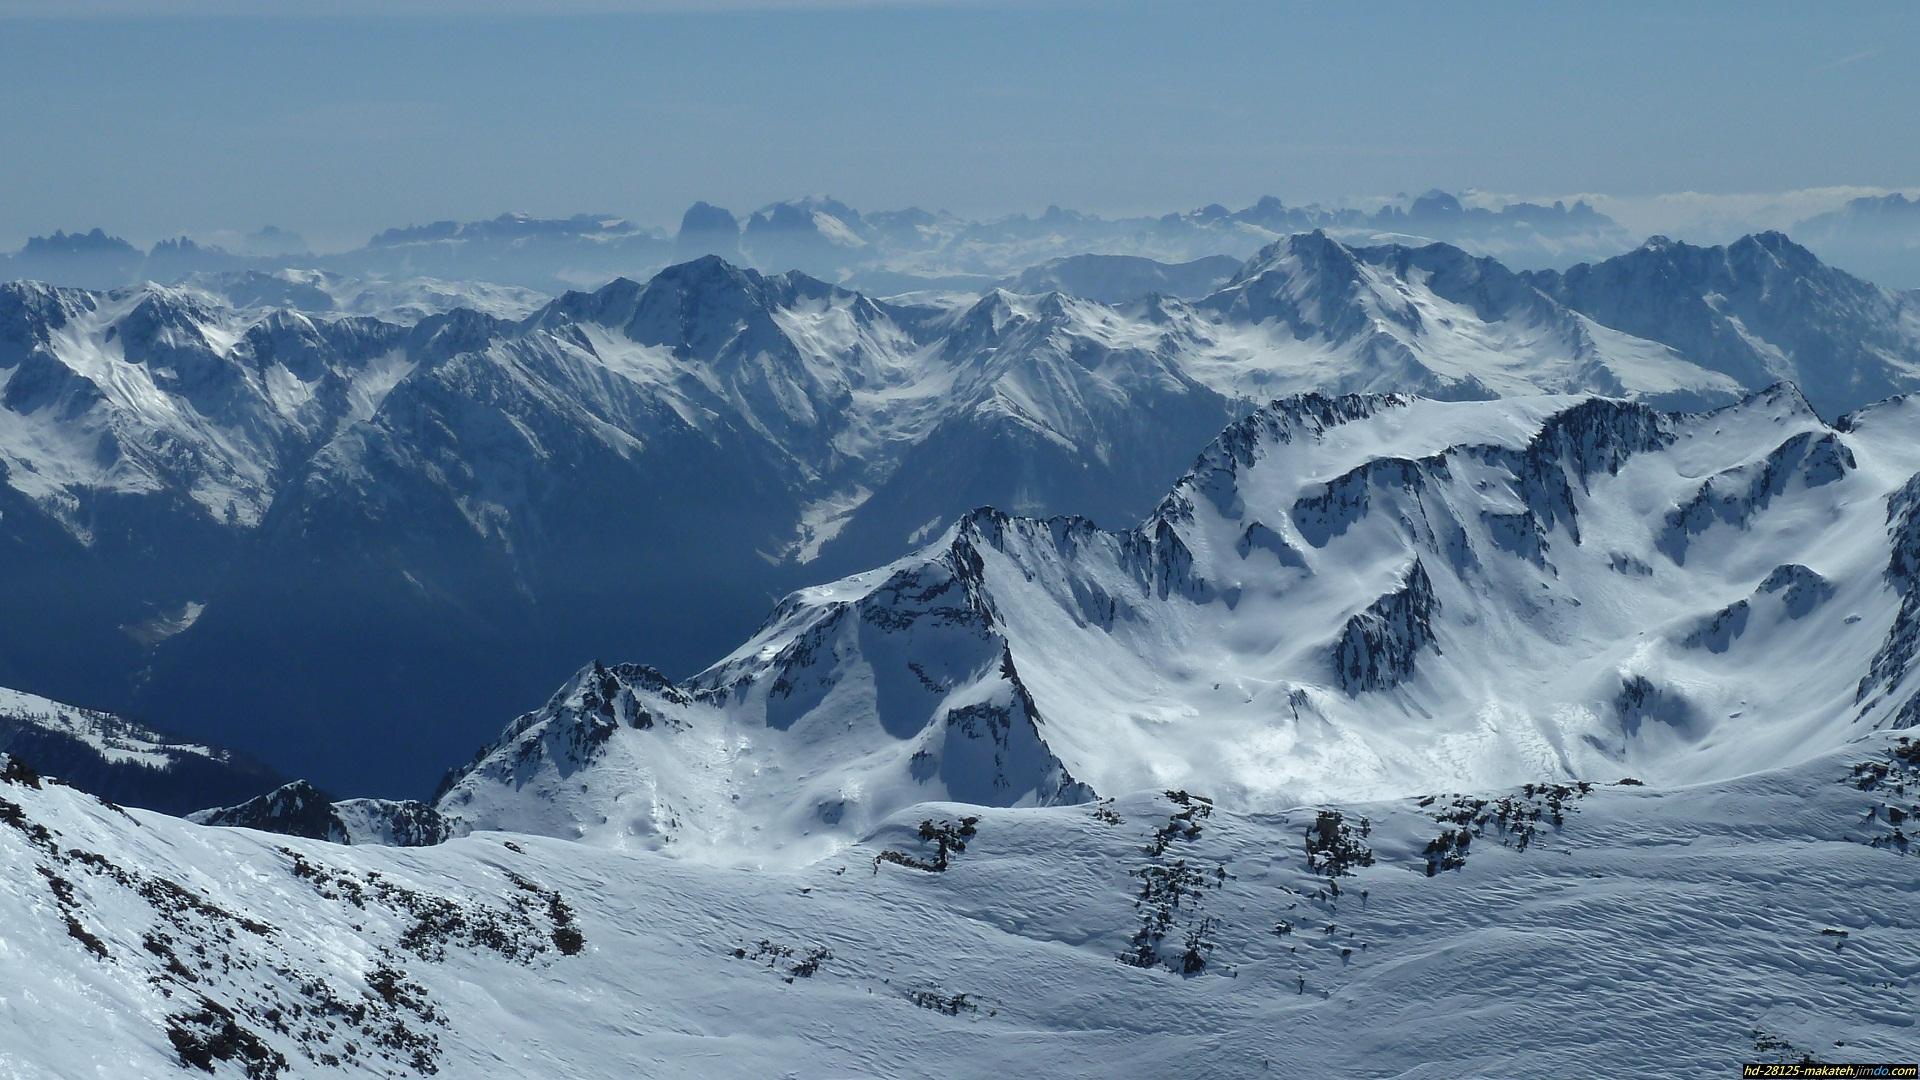 Kostenlose foto : Natur, Berg, Schnee, Winter, Himmel, Abenteuer ...